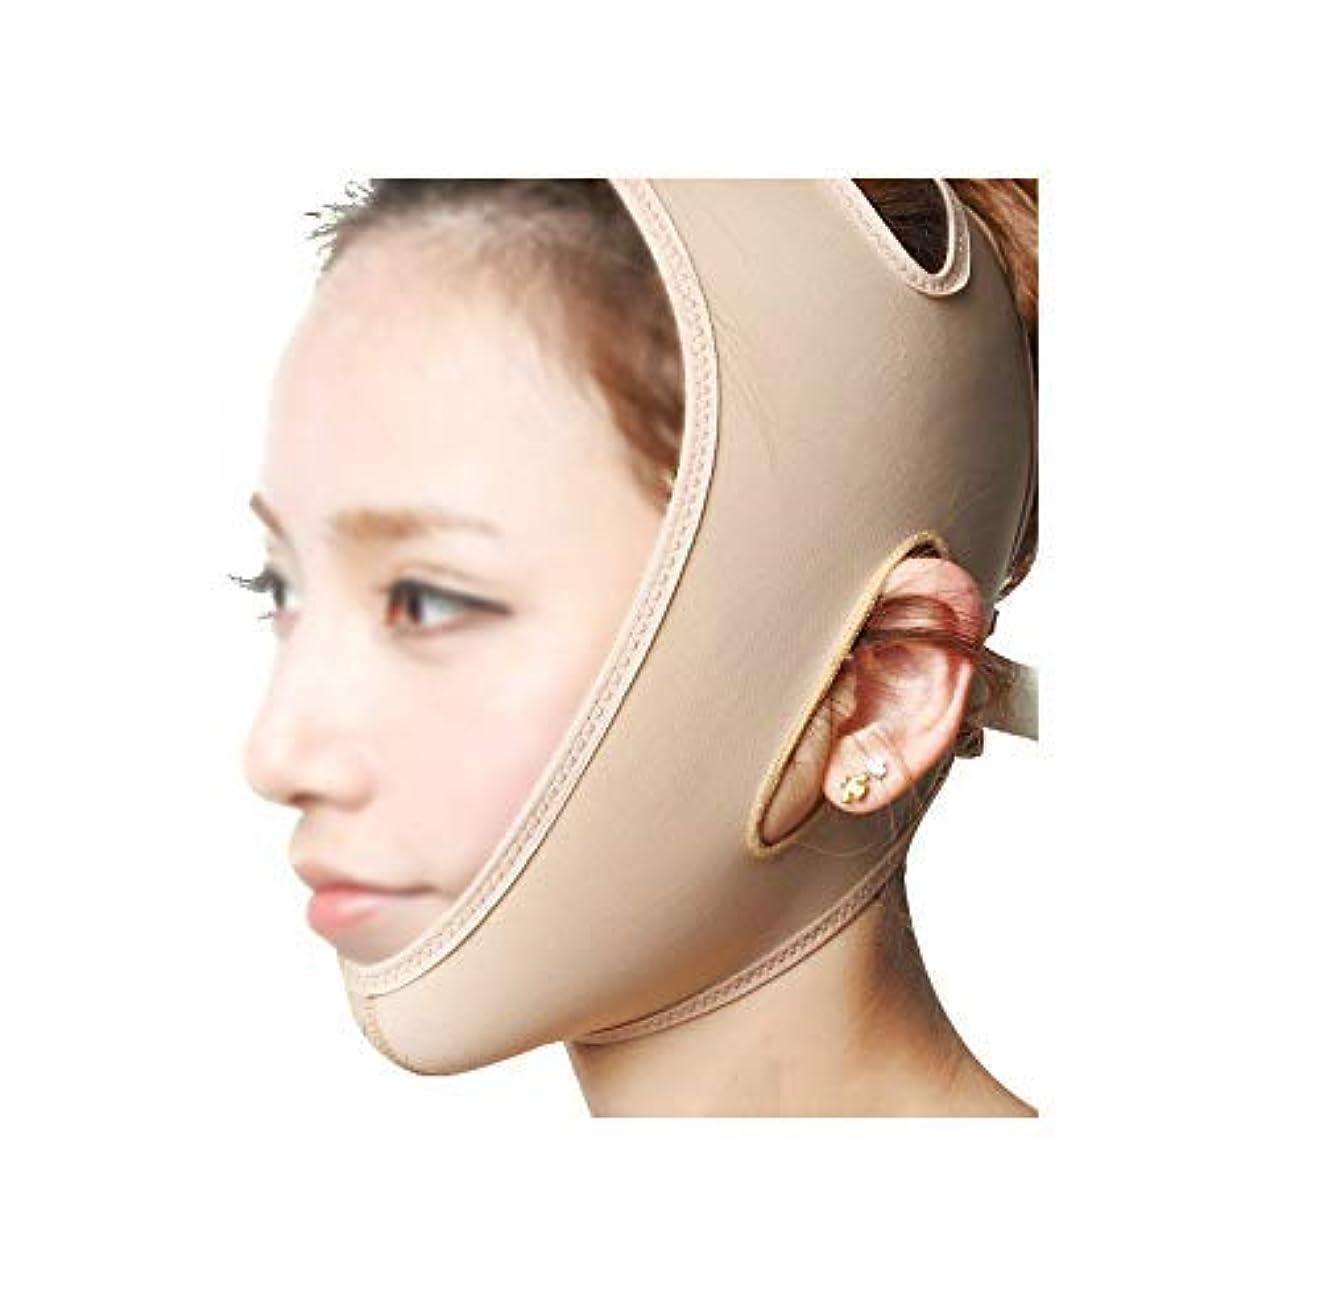 タワー愛情深いヒープフェイスリフティングバンデージ、フェイスマスク3Dパネルデザイン、通気性に優れたライクラ素材の物理的なVフェイス、美しい顔の輪郭の作成(サイズ:S),Xl